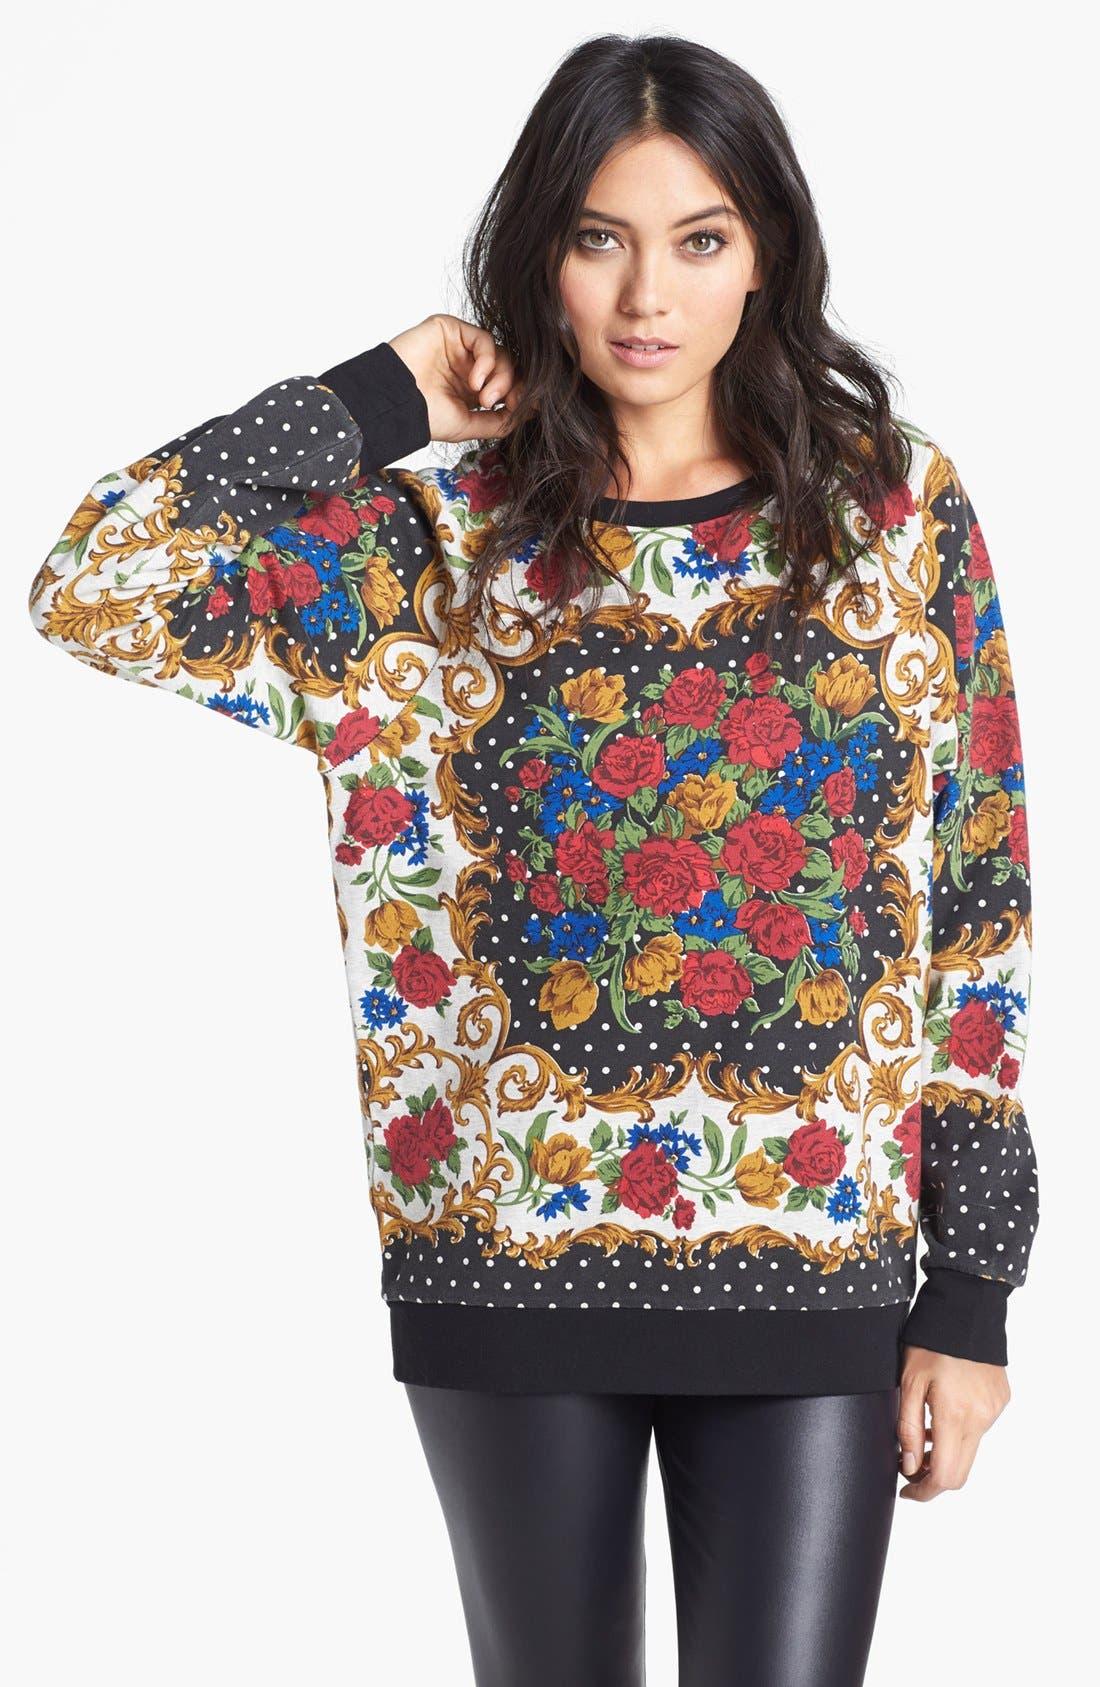 Main Image - MINKPINK 'Excessive' Sweatshirt